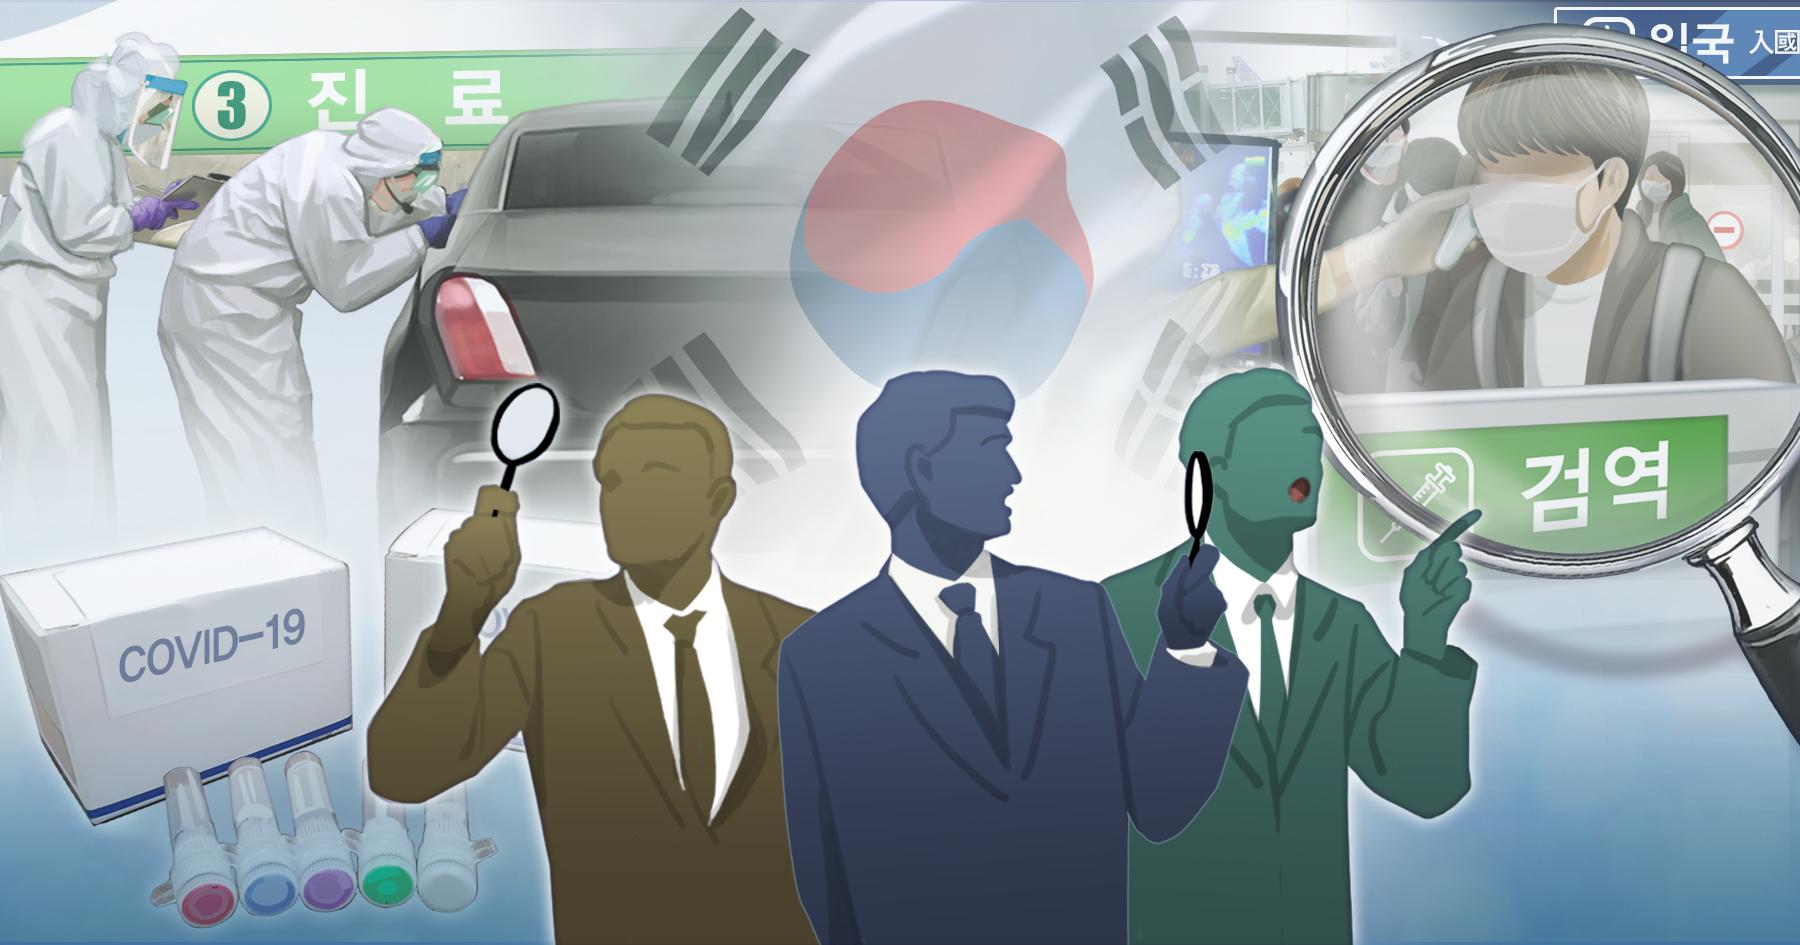 S. Korea pledges $53 mln in loans for Central, South America over coronavirus